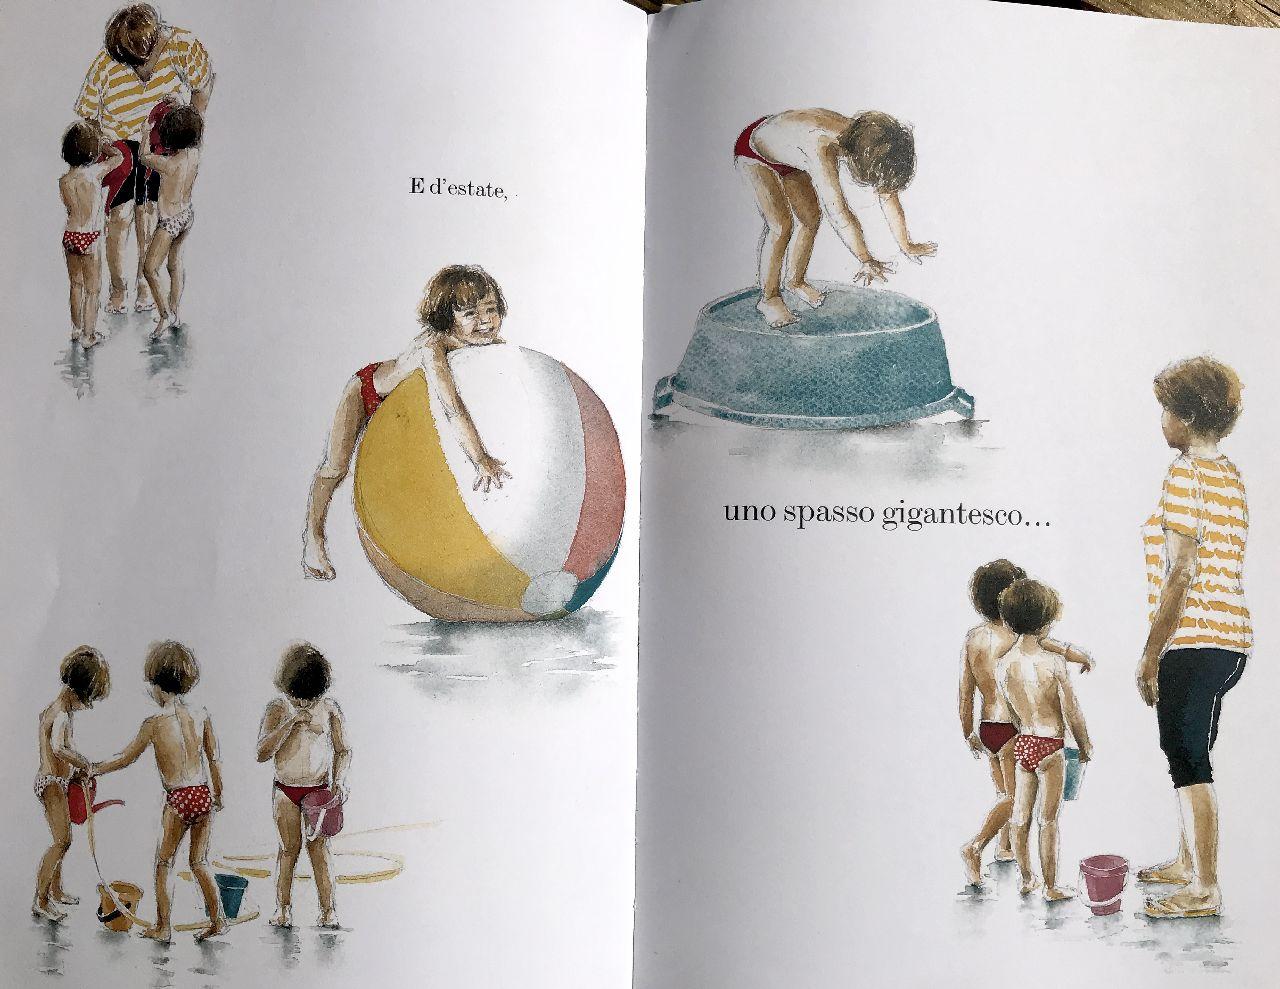 Alessandra Lazzarin, Un gioco da ragazze, Orecchio acerbo